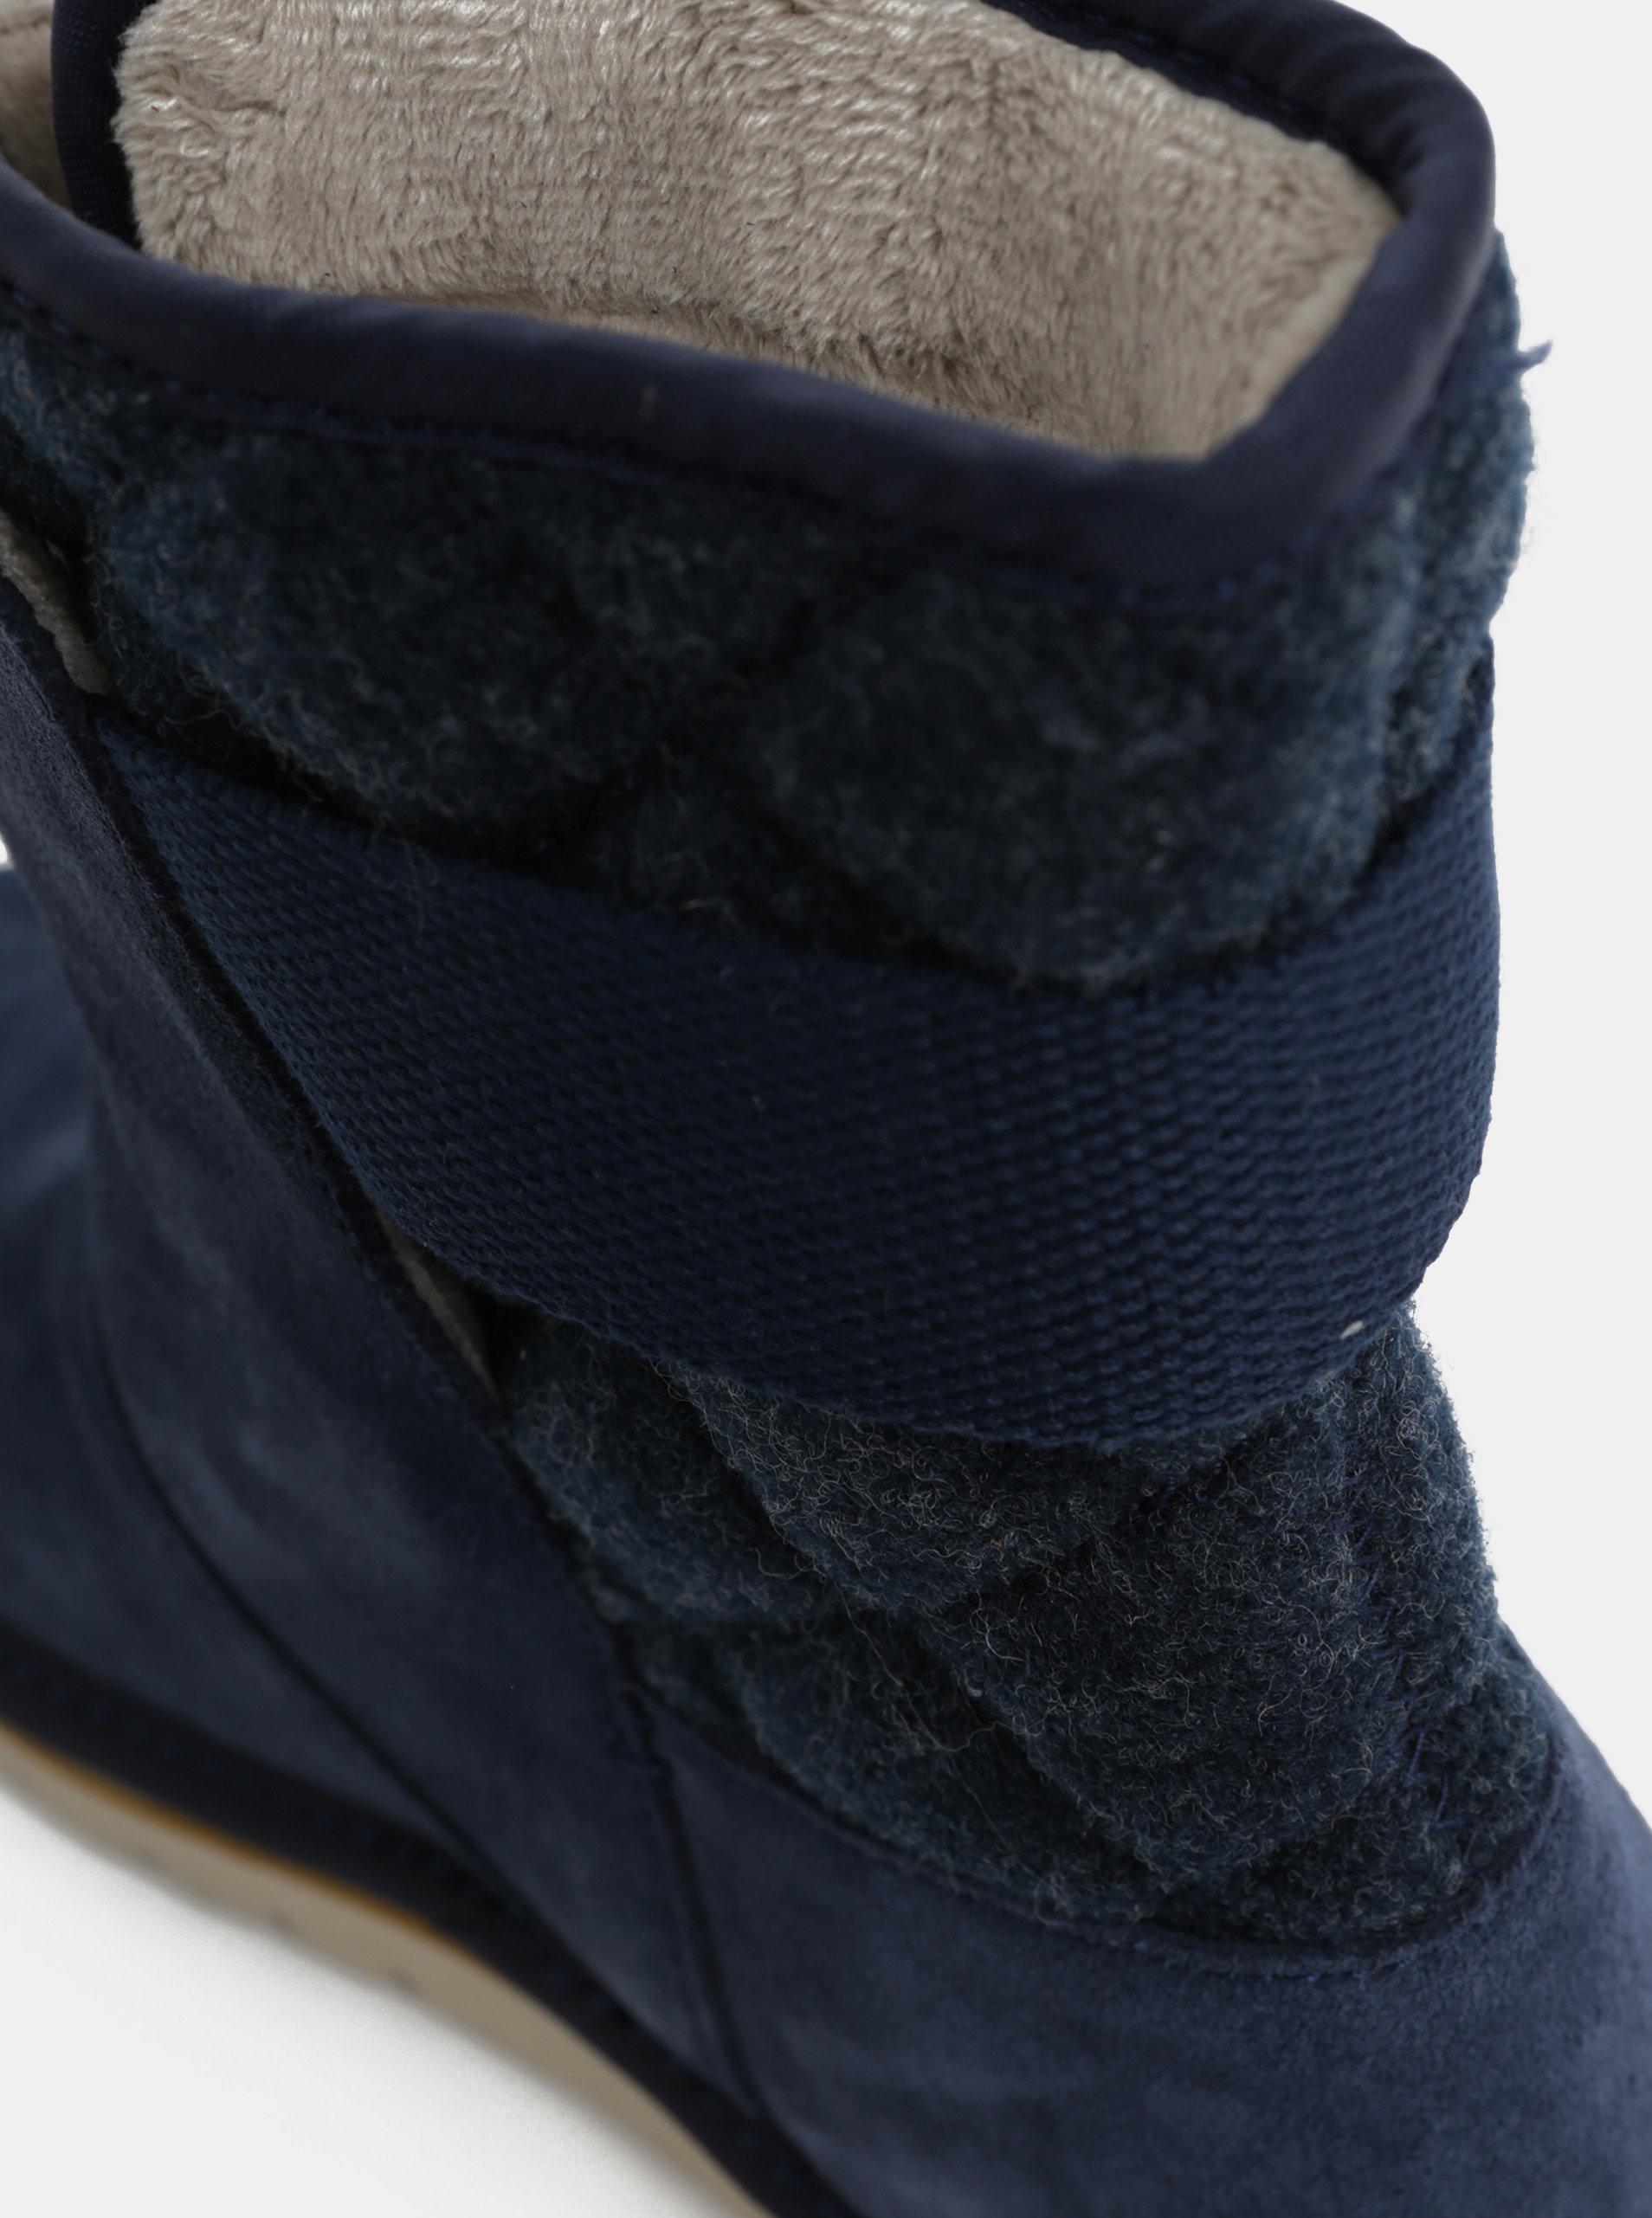 64a51dc4acf1 Tmavomodré dámske semišové zimné topánky SOREL Newbie ...